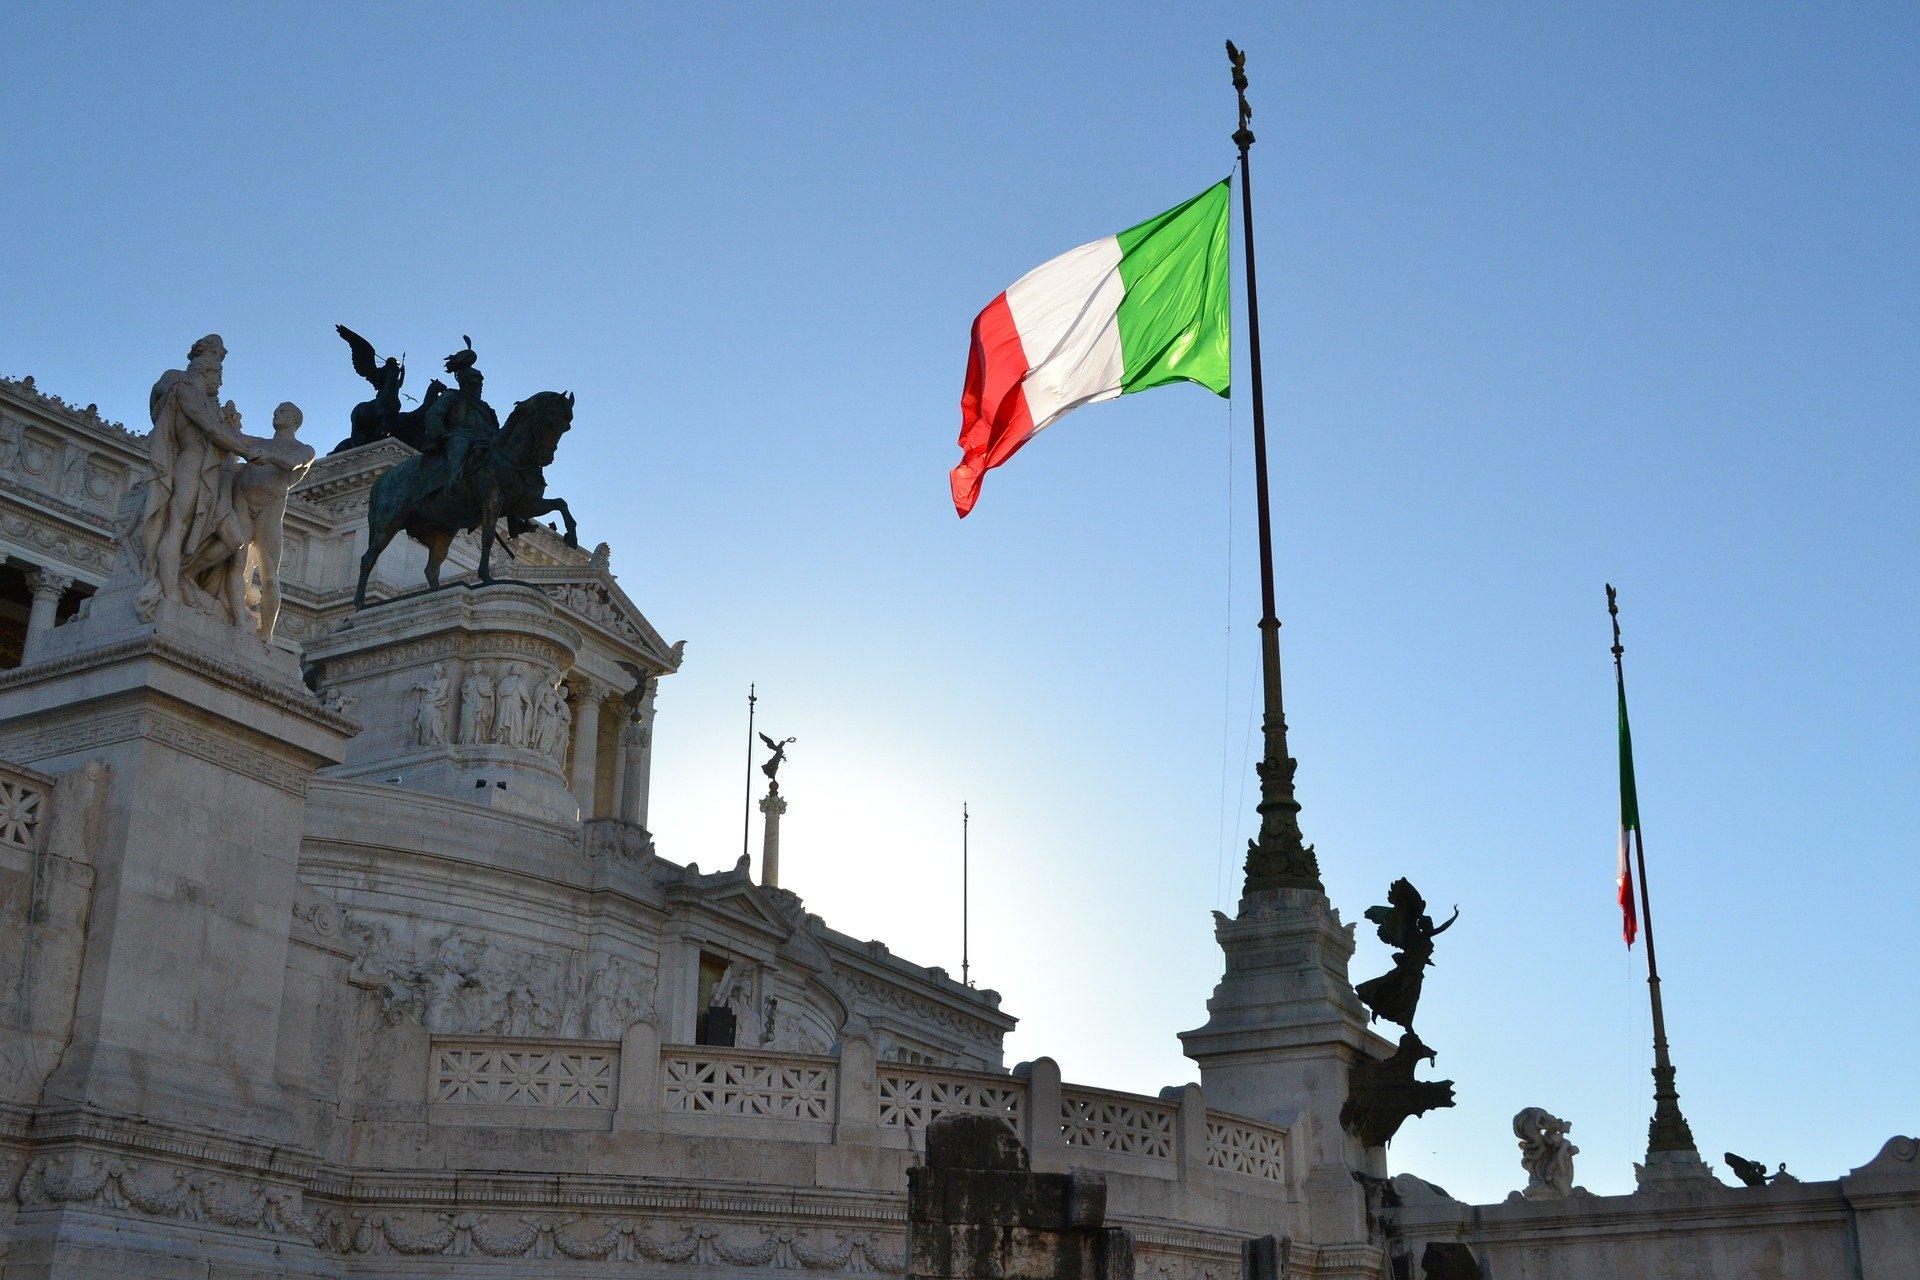 W Rzymie protest branży rozrywki domagającej się rekompensat